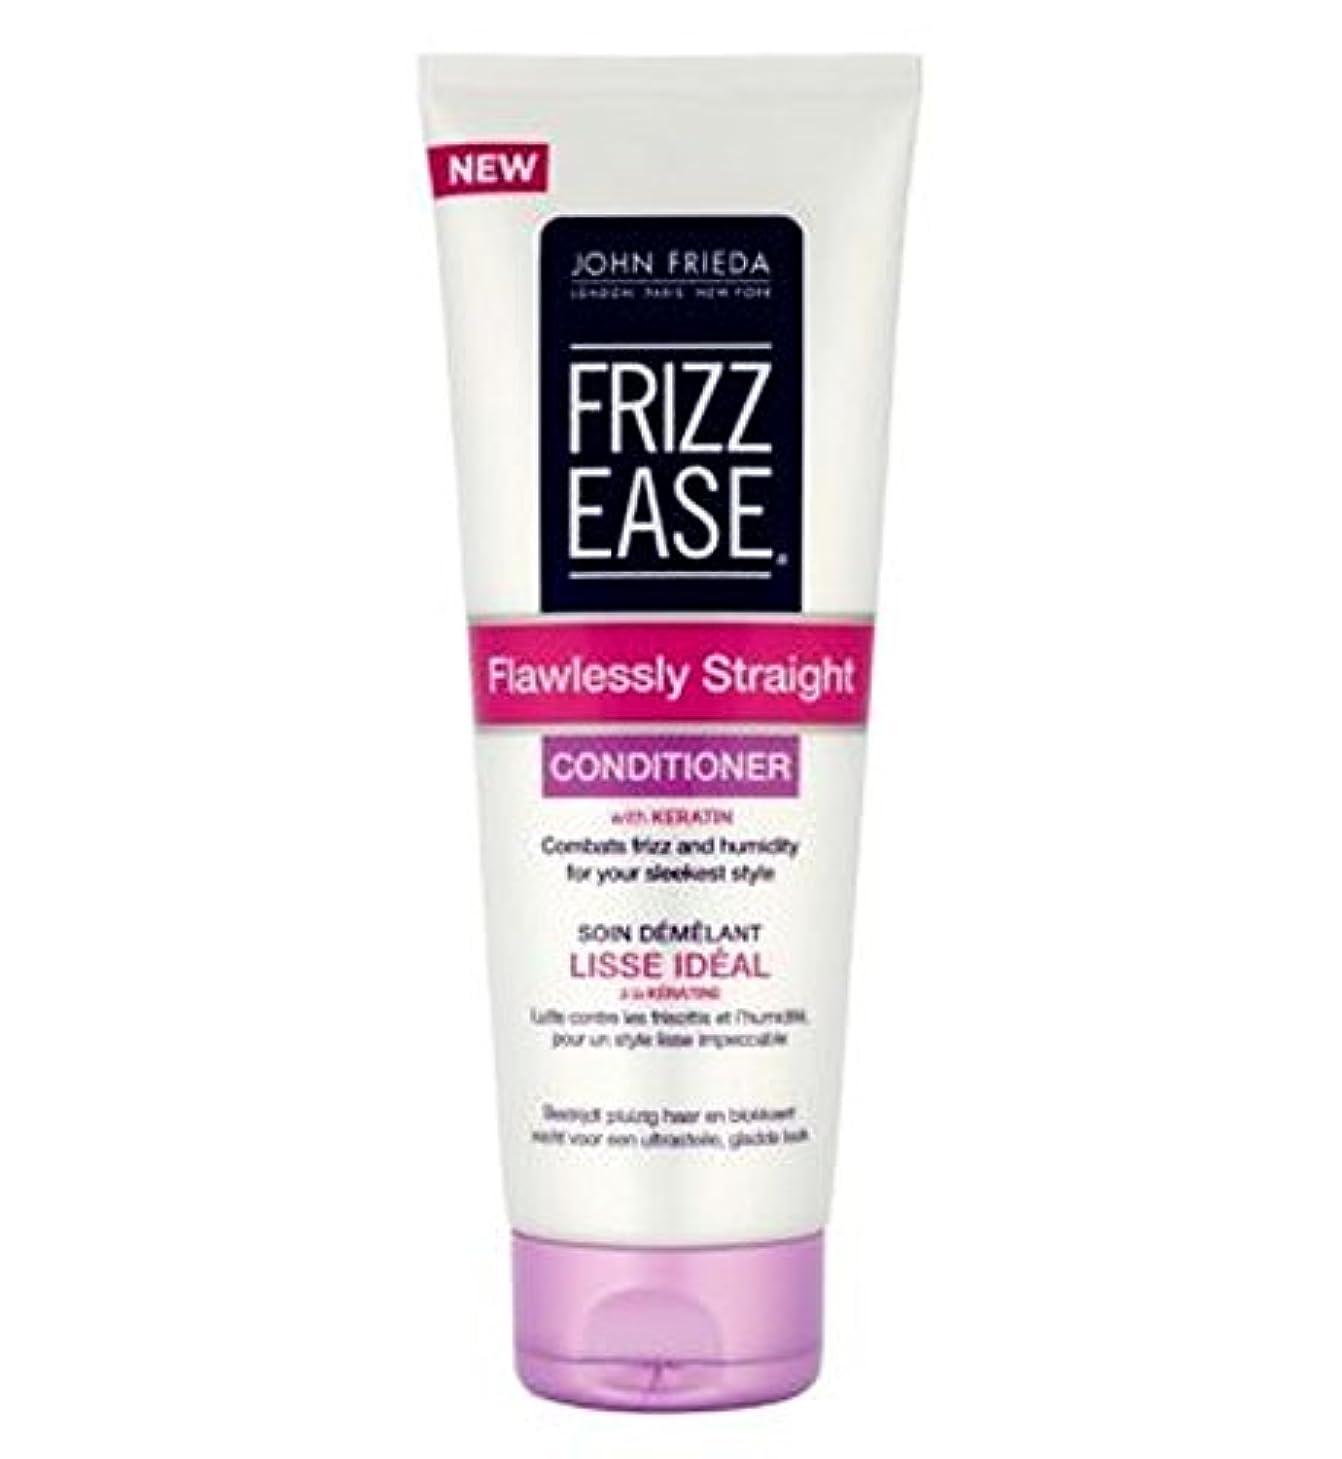 乳剤バスルームレーダージョン?フリーダ縮れ-容易完璧ストレートコンディショナー250Ml (John Frieda) (x2) - John Frieda Frizz-Ease Flawlessly Straight Conditioner...